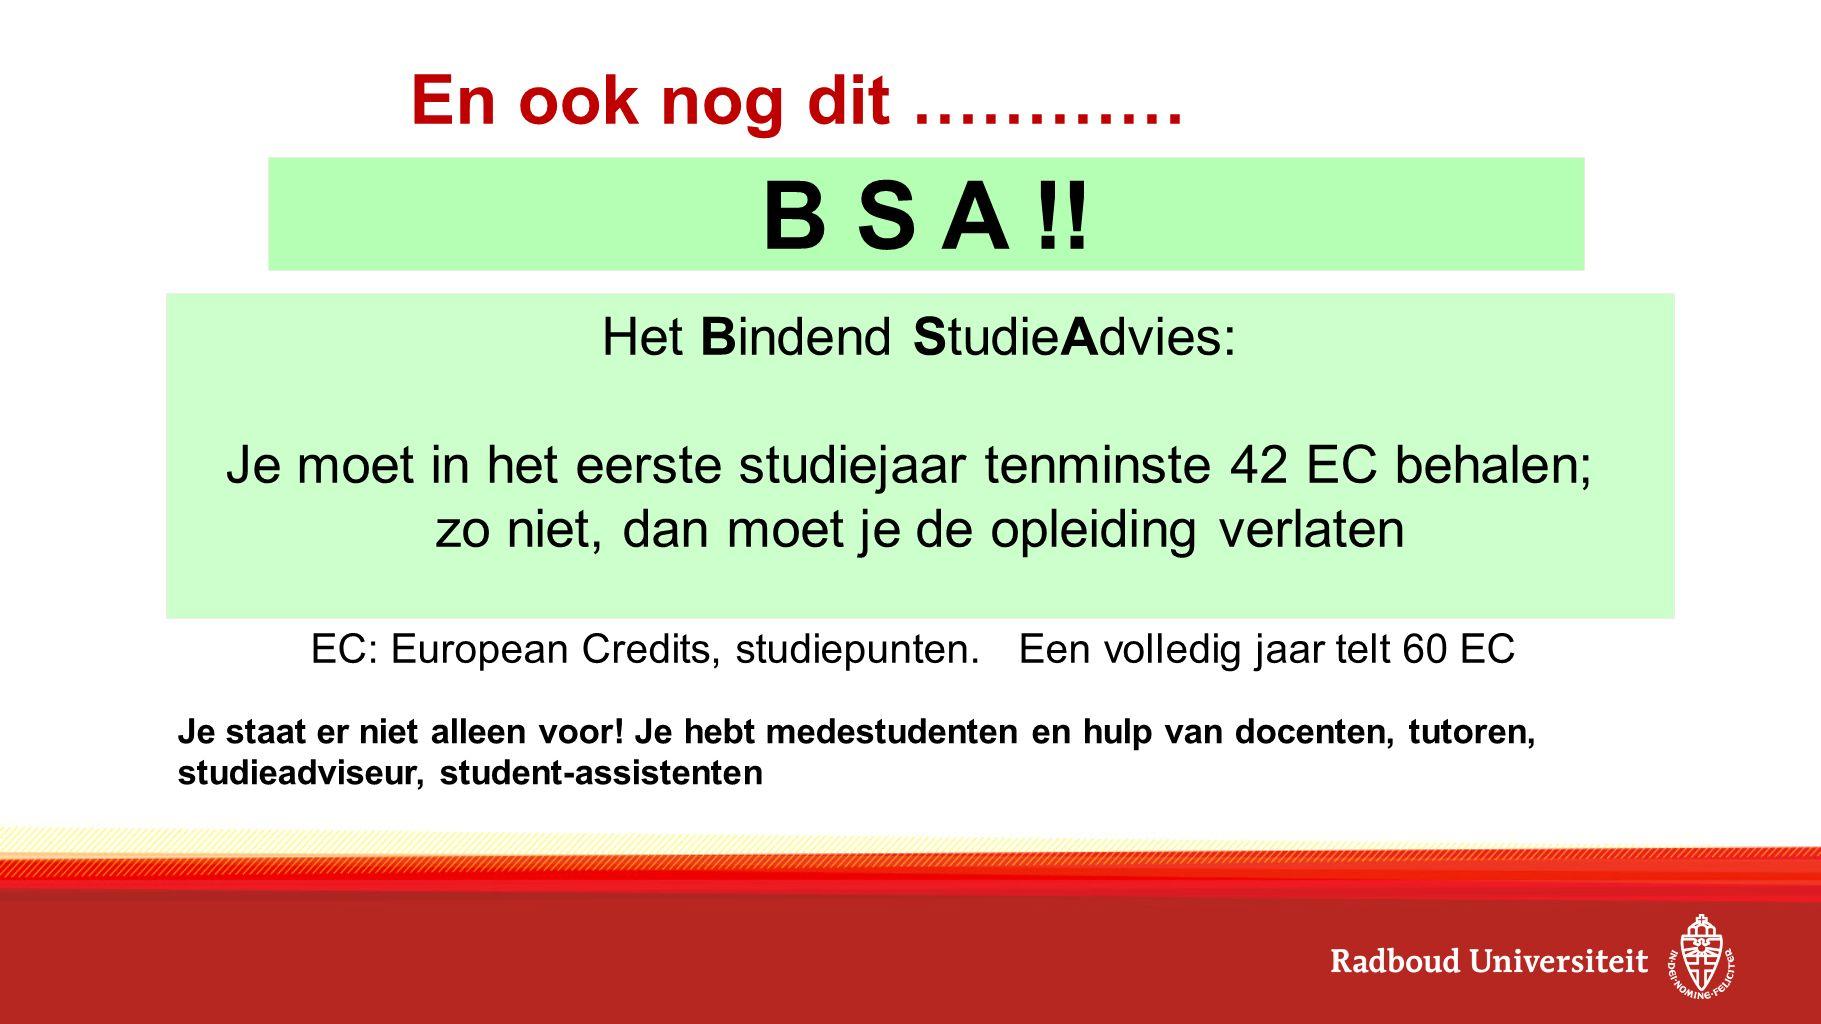 B S A !.